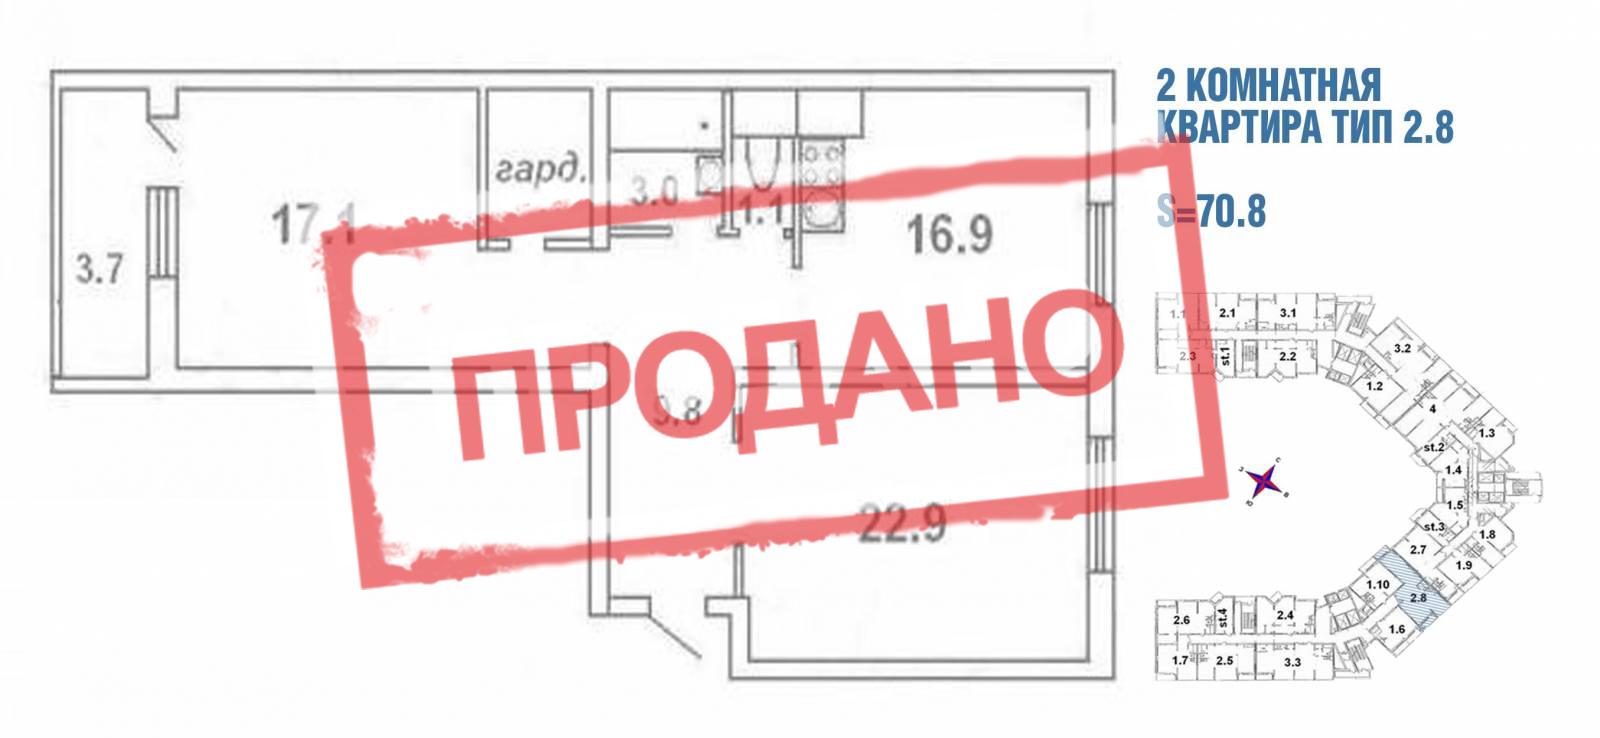 2-х комнатные квартиры тип 2.8 - 70,8 кв.м.